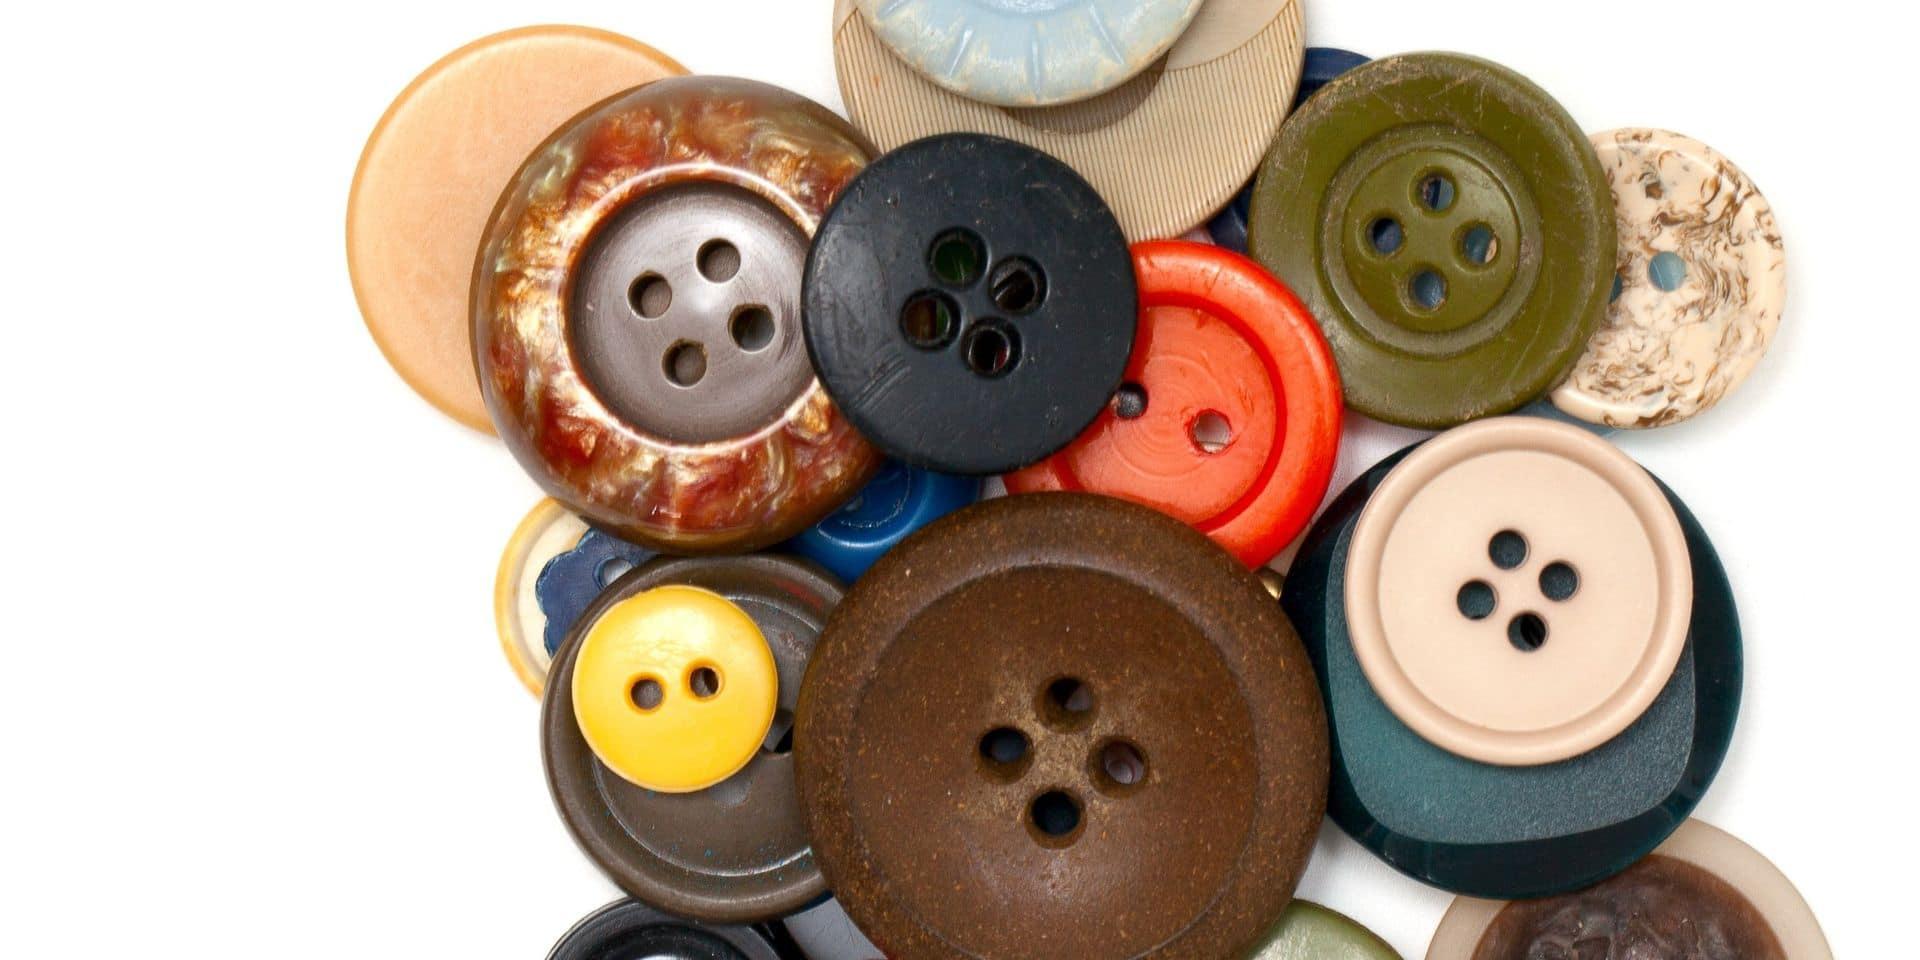 Nos objets ont une histoire : d'où vient vraiment le bouton ?